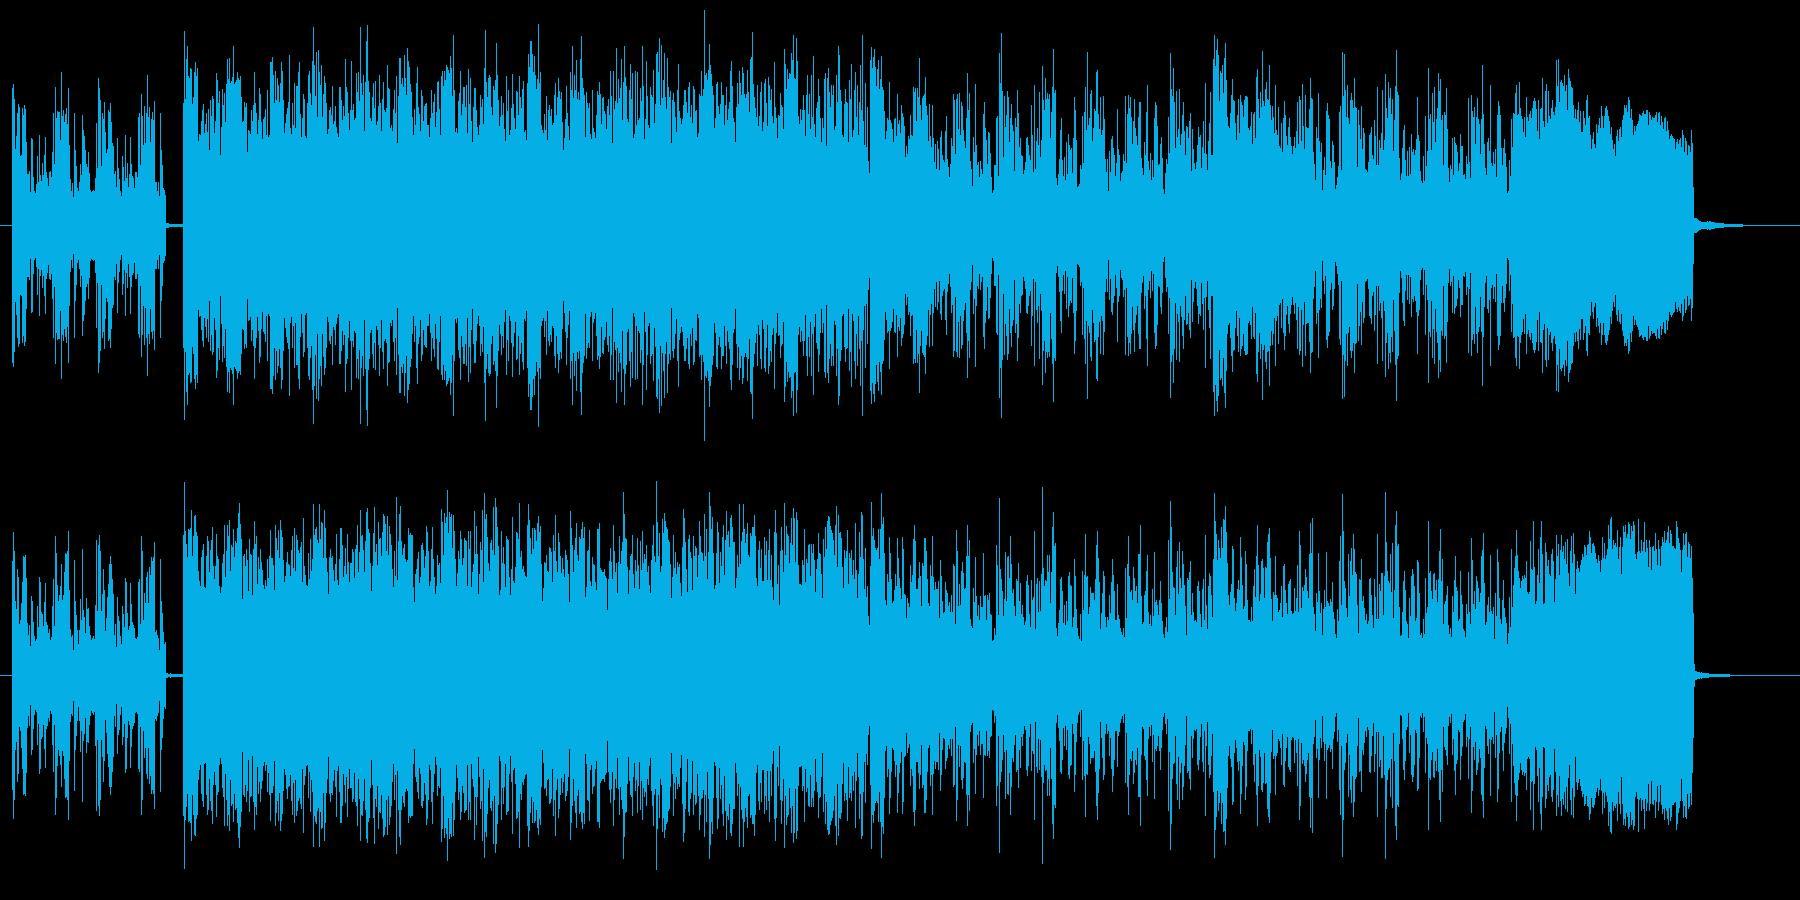 宇宙感と疾走感あるドラムシンセサウンドの再生済みの波形